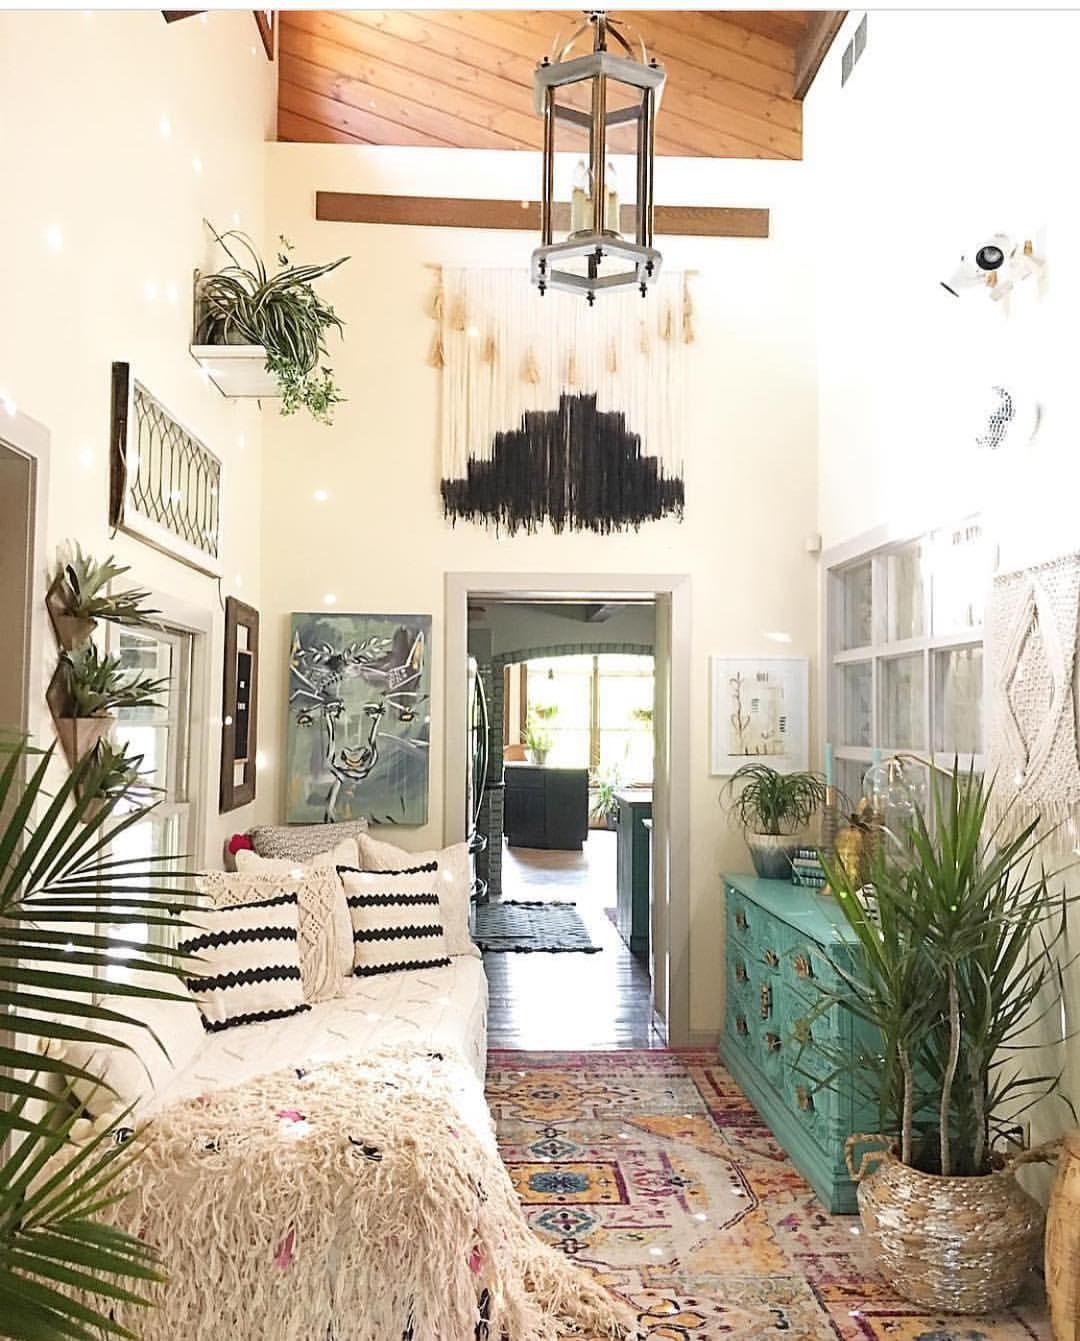 Famous Crazy Home Designs Model - Home Decorating Ideas - svvodka.com